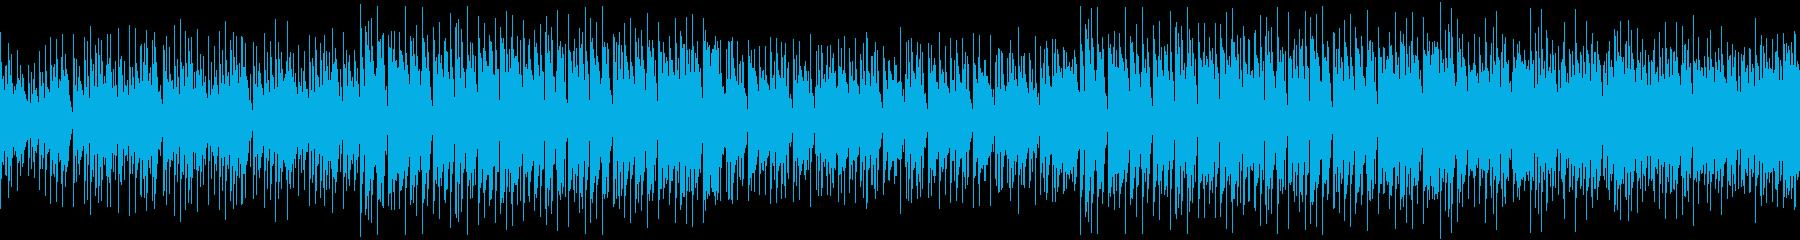 ほのぼのした夏の沖縄・映画・ループの再生済みの波形